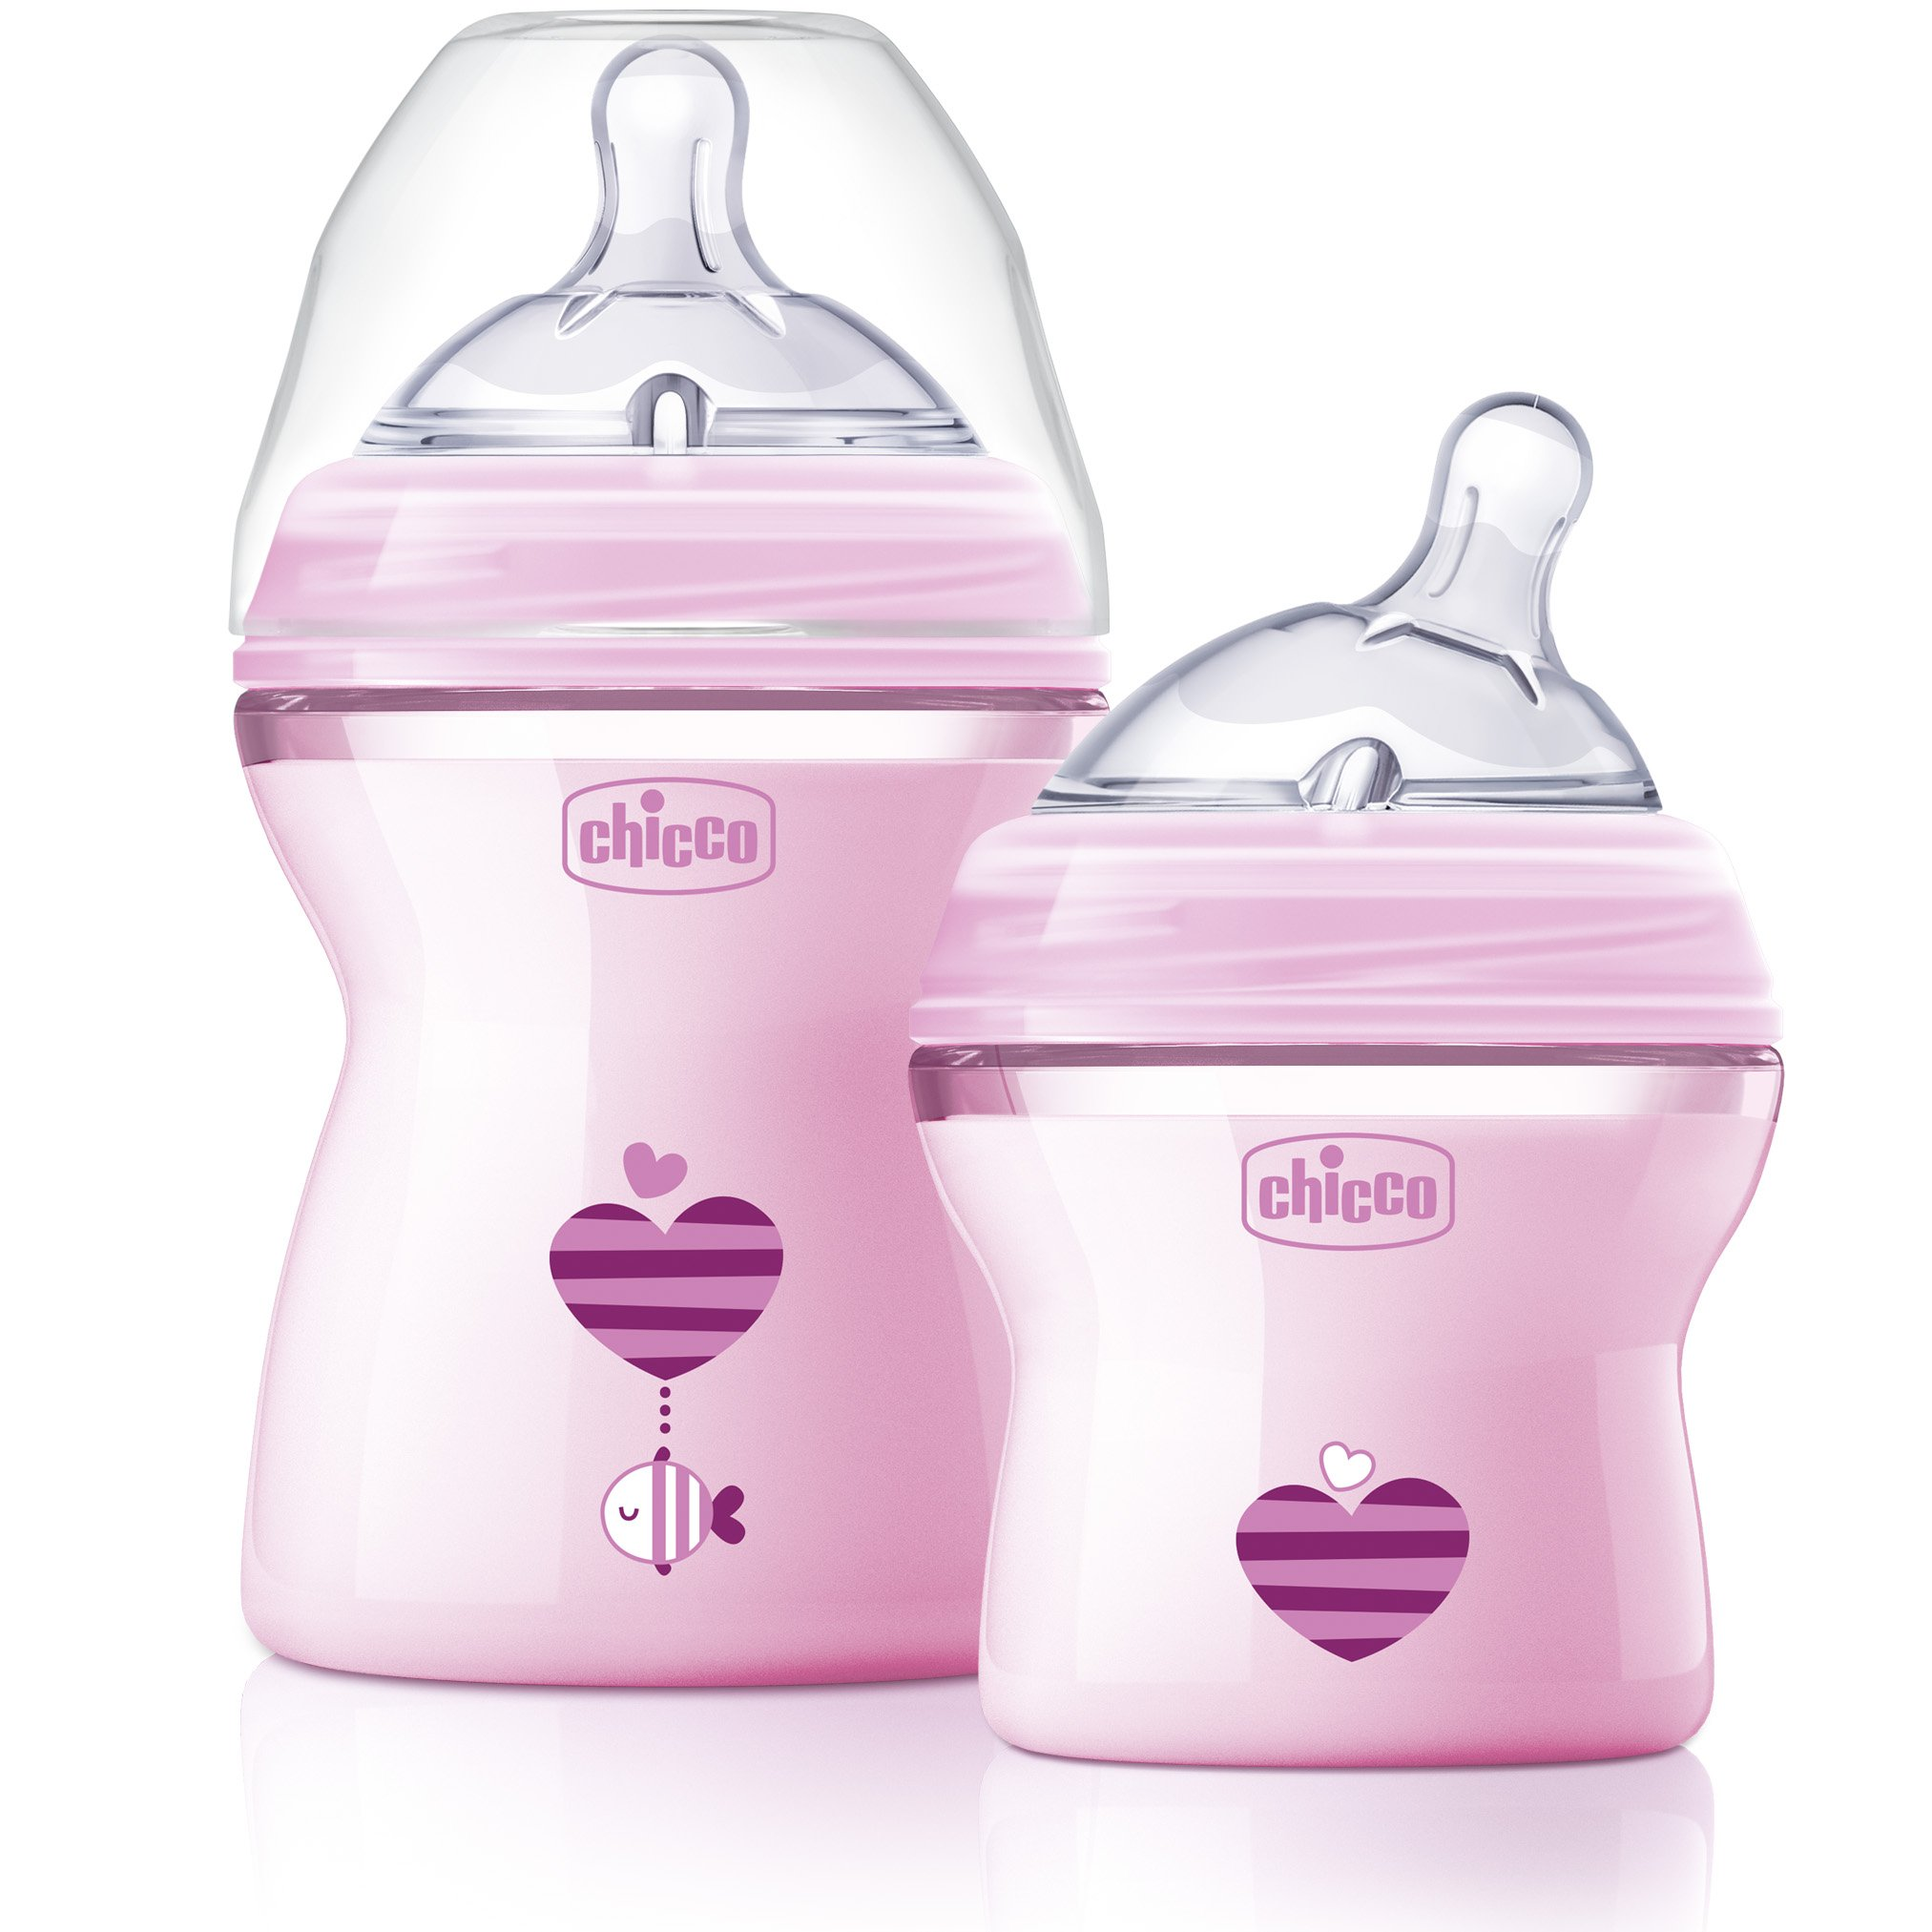 Chicco NaturalFit Colorific Bottle 2-Pack 0m+ Slow Flow, Pink